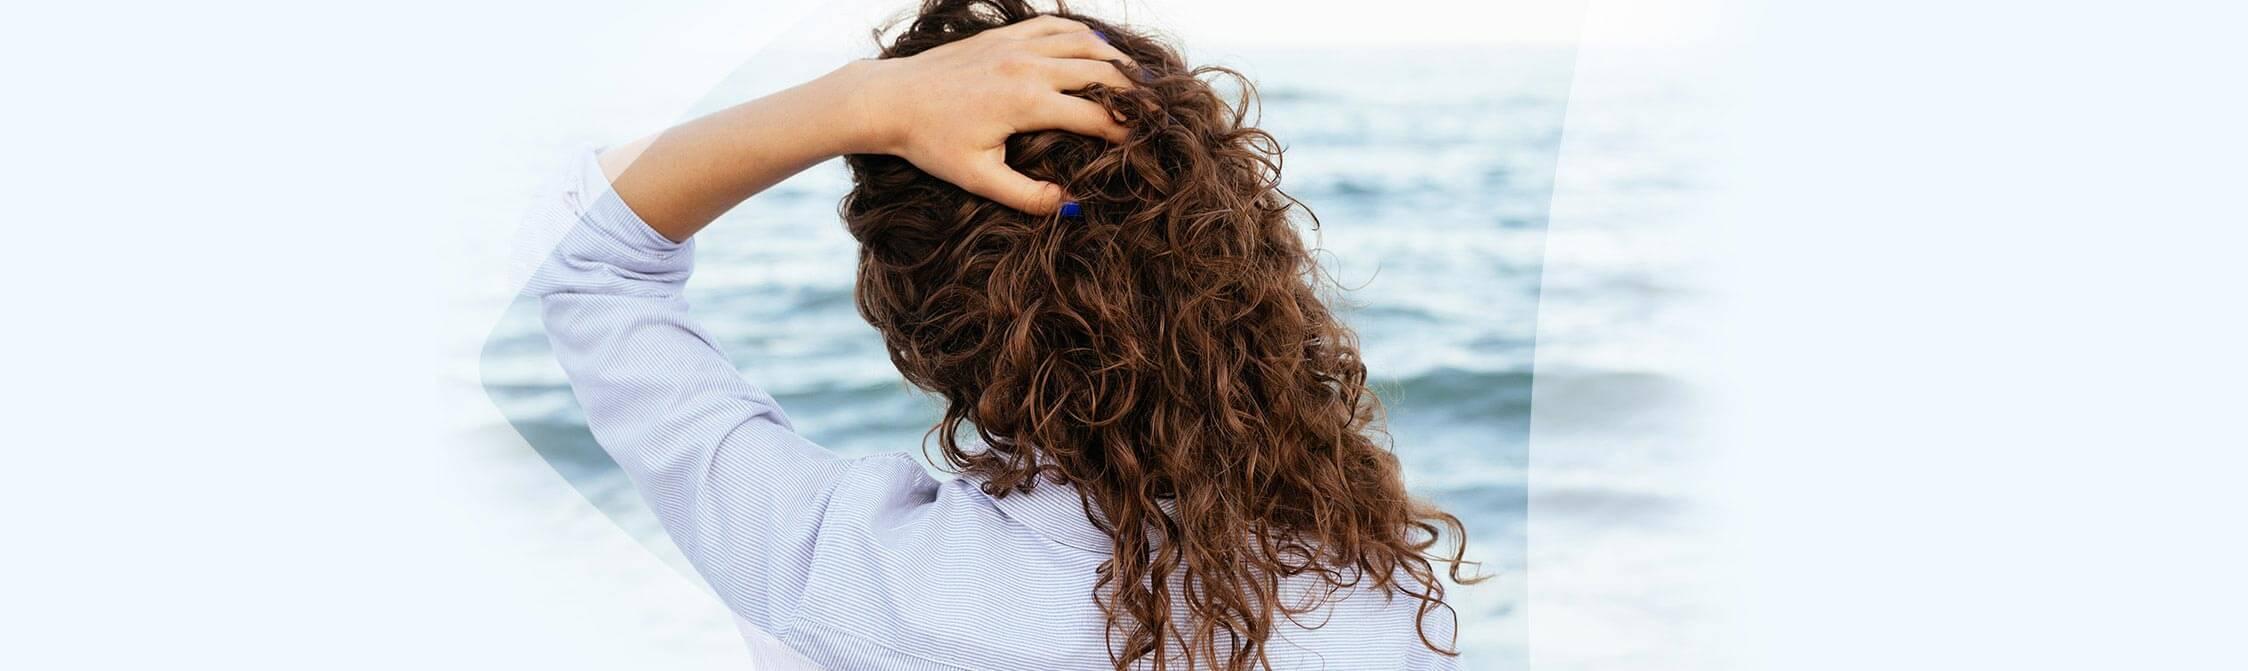 Vrouw met de handen in het haar kijkt over de zee uit